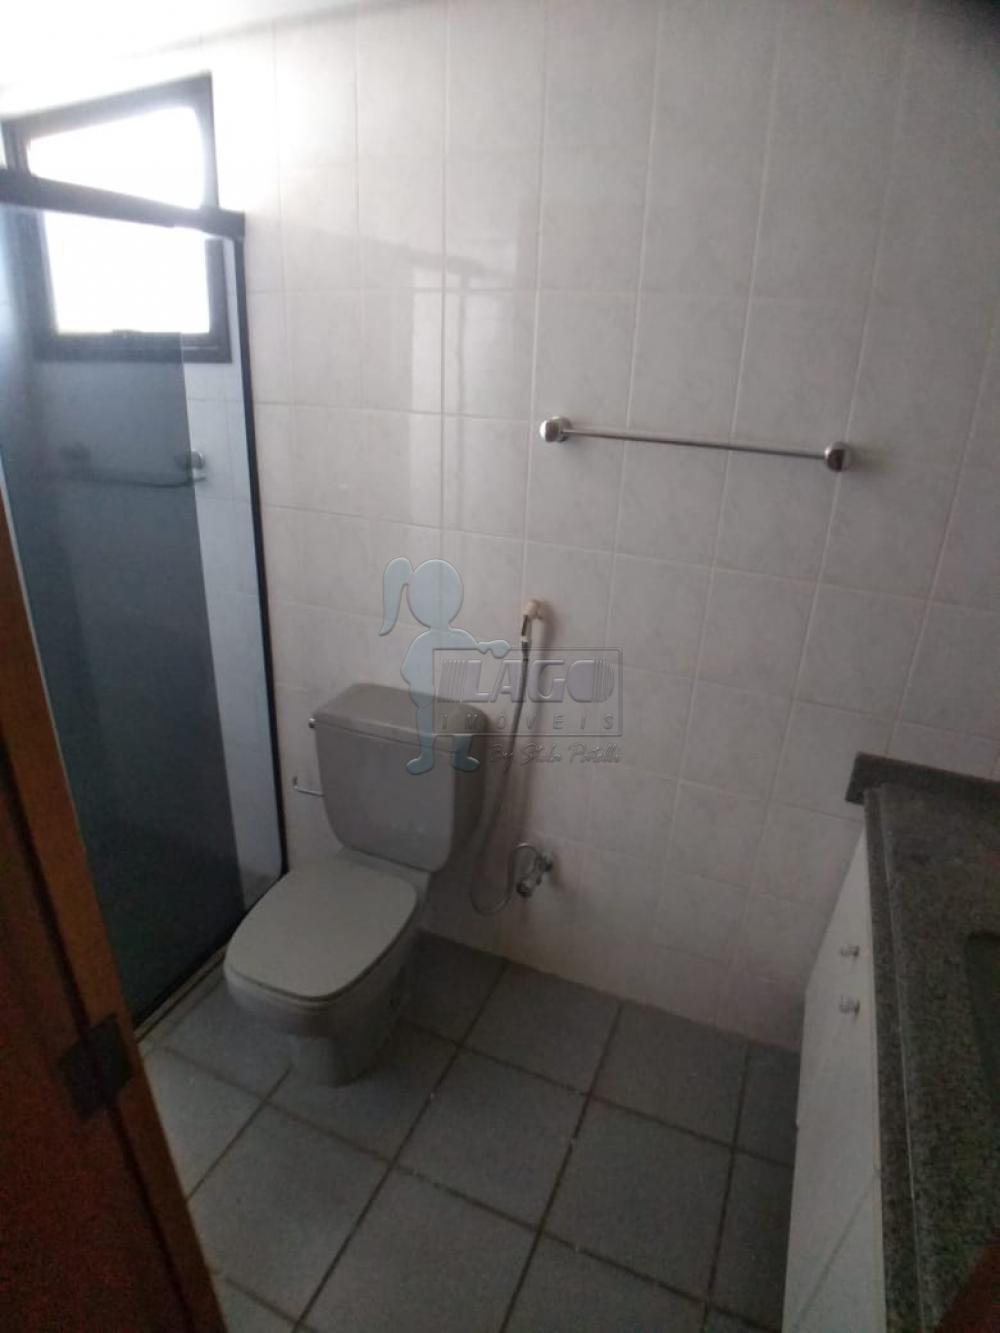 Alugar Apartamento / Padrão em Ribeirão Preto apenas R$ 1.400,00 - Foto 15